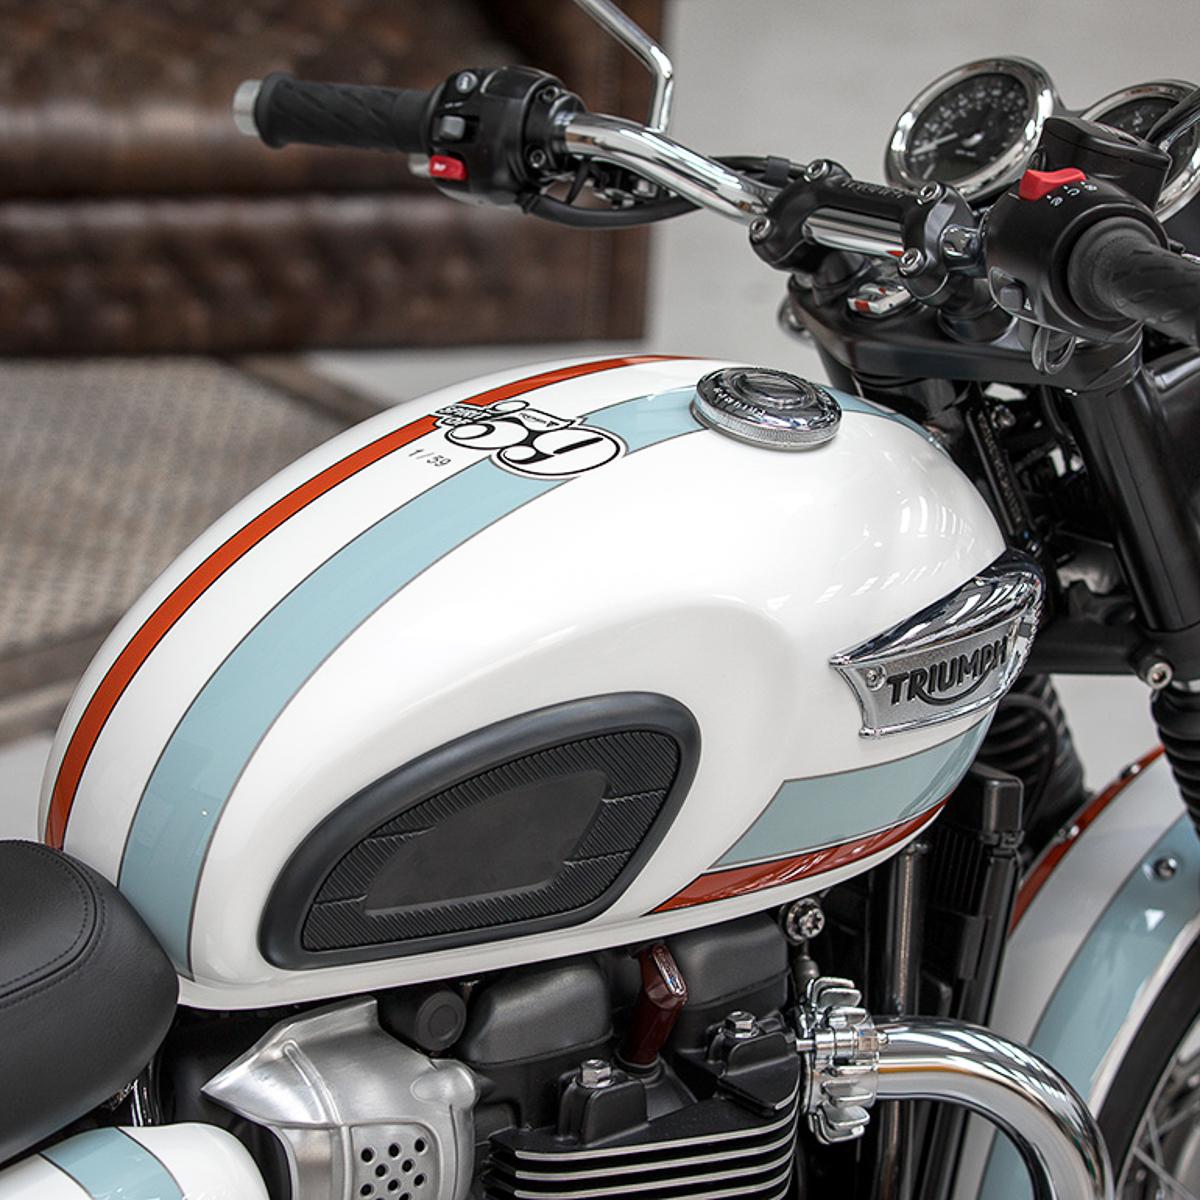 Limited Edition 2018 Triumph Bonneville Spirit Of 59 Unveiled